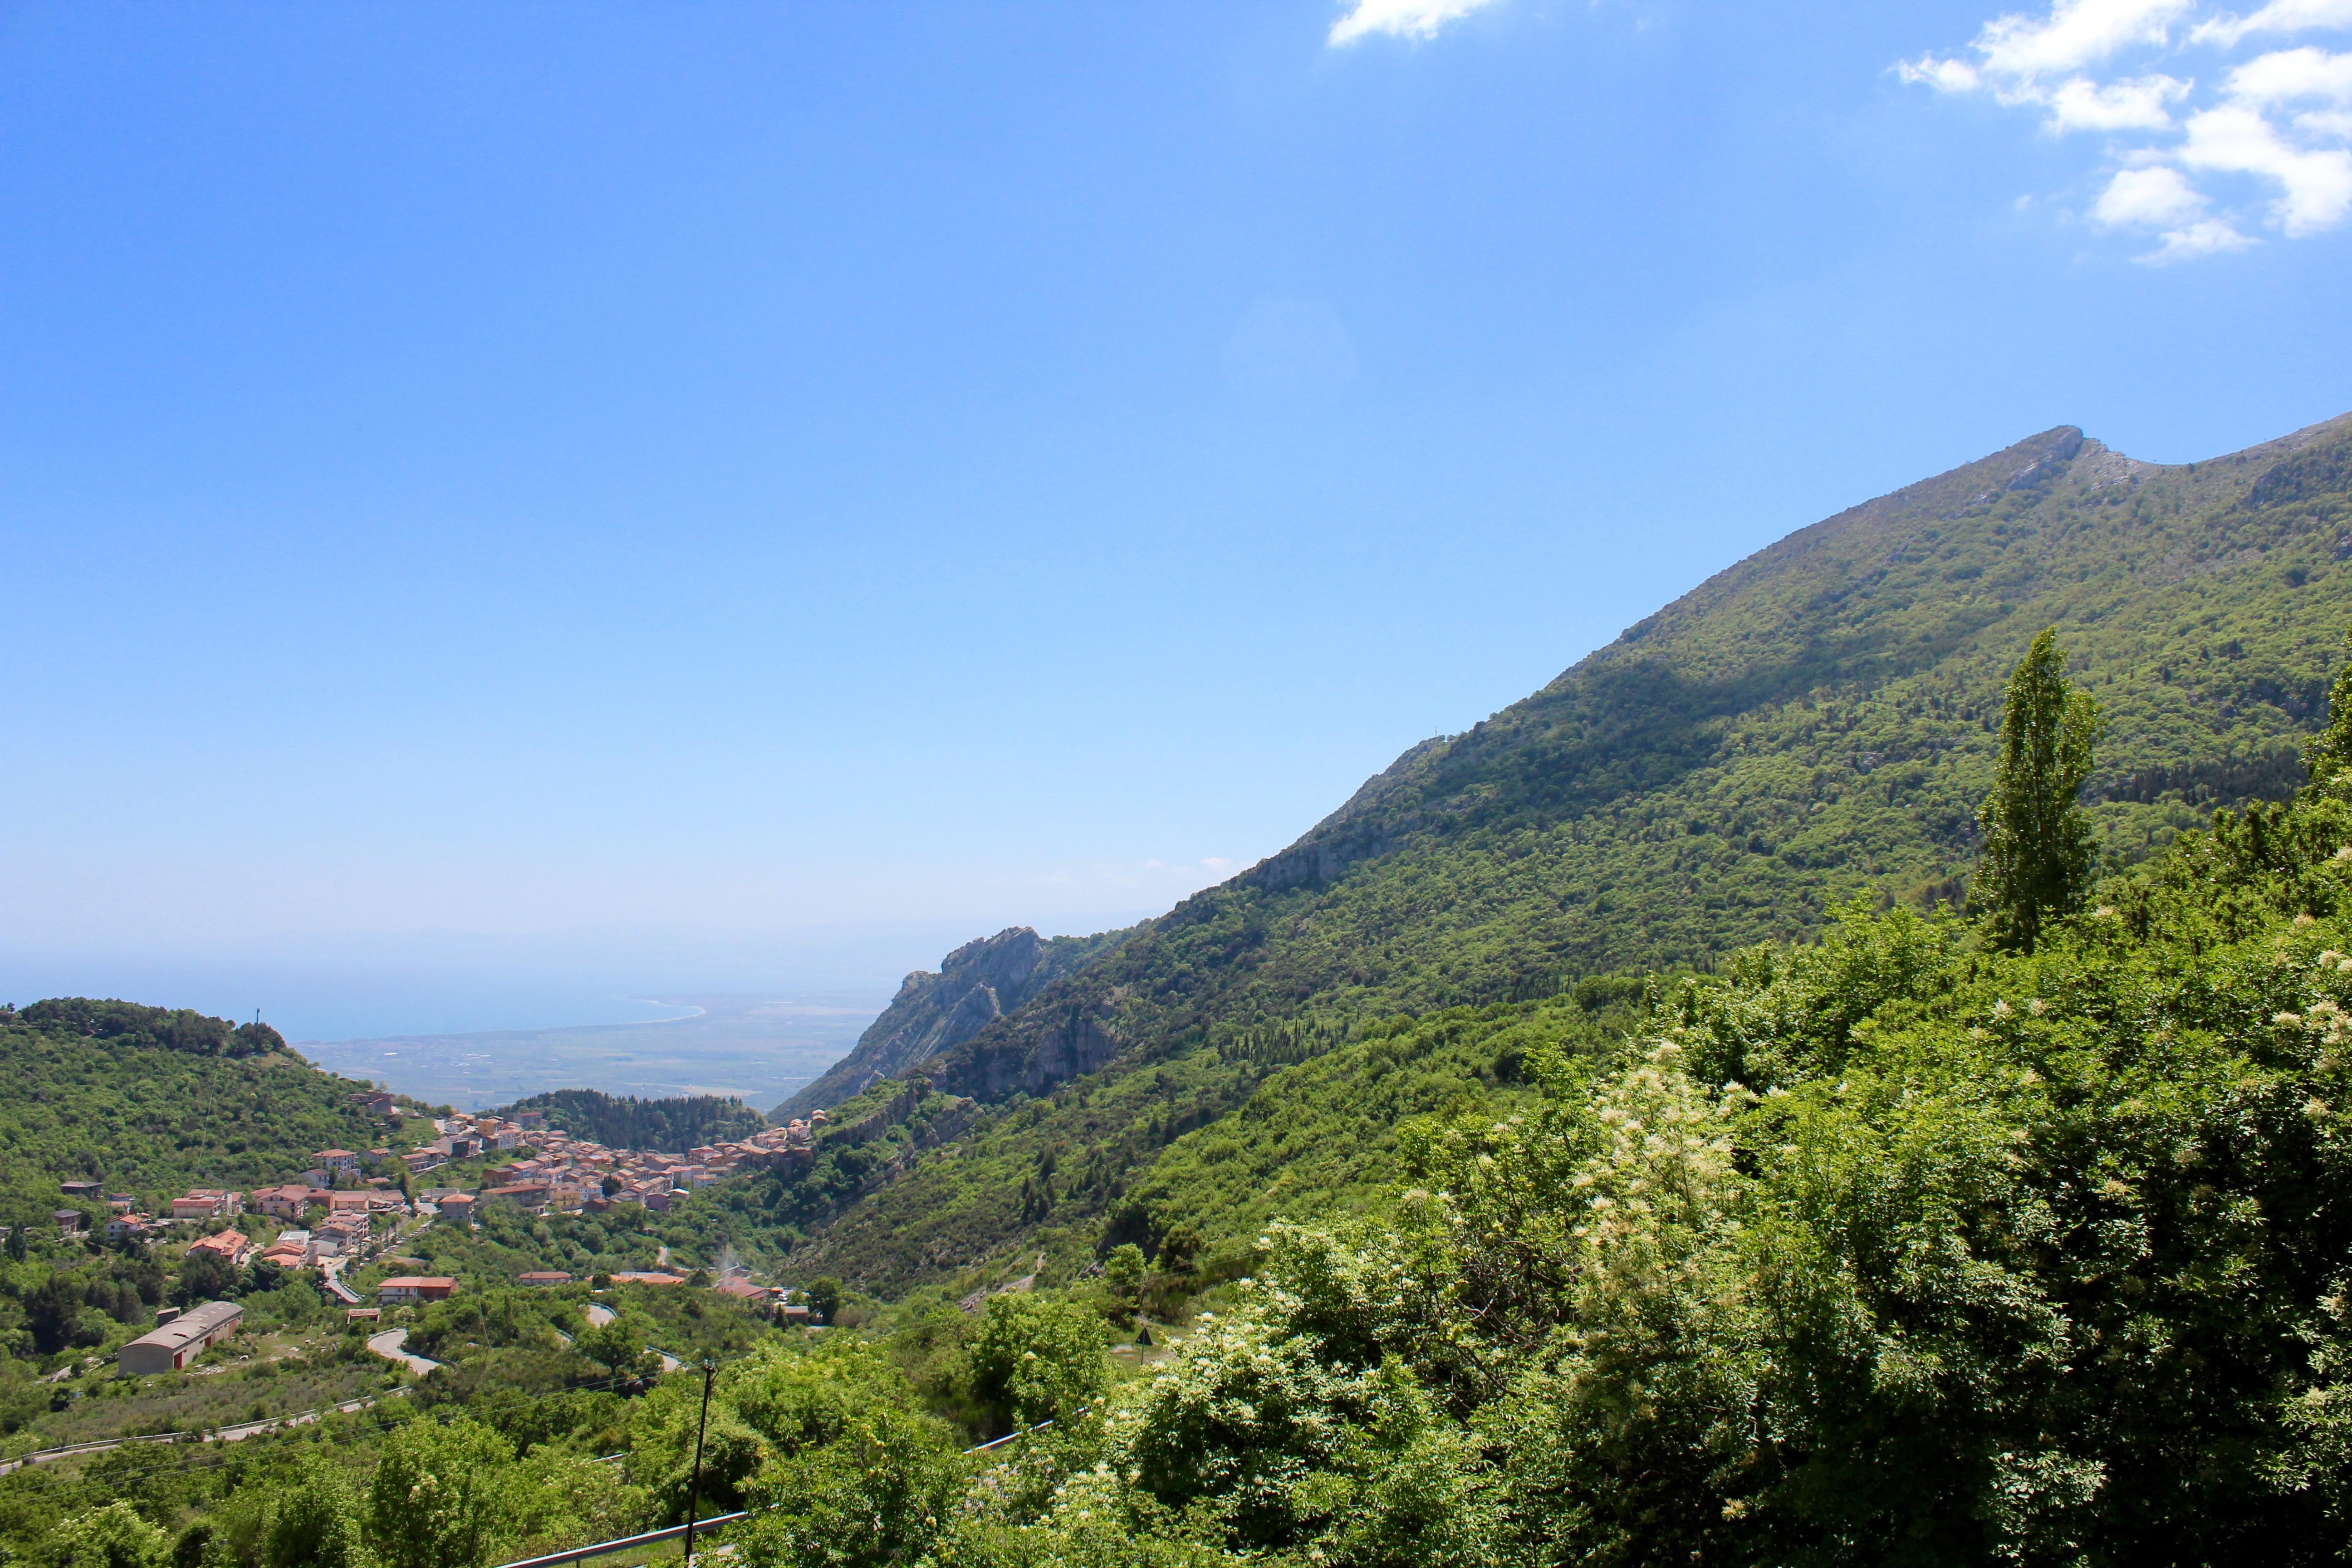 De omgeving van Cerchiara